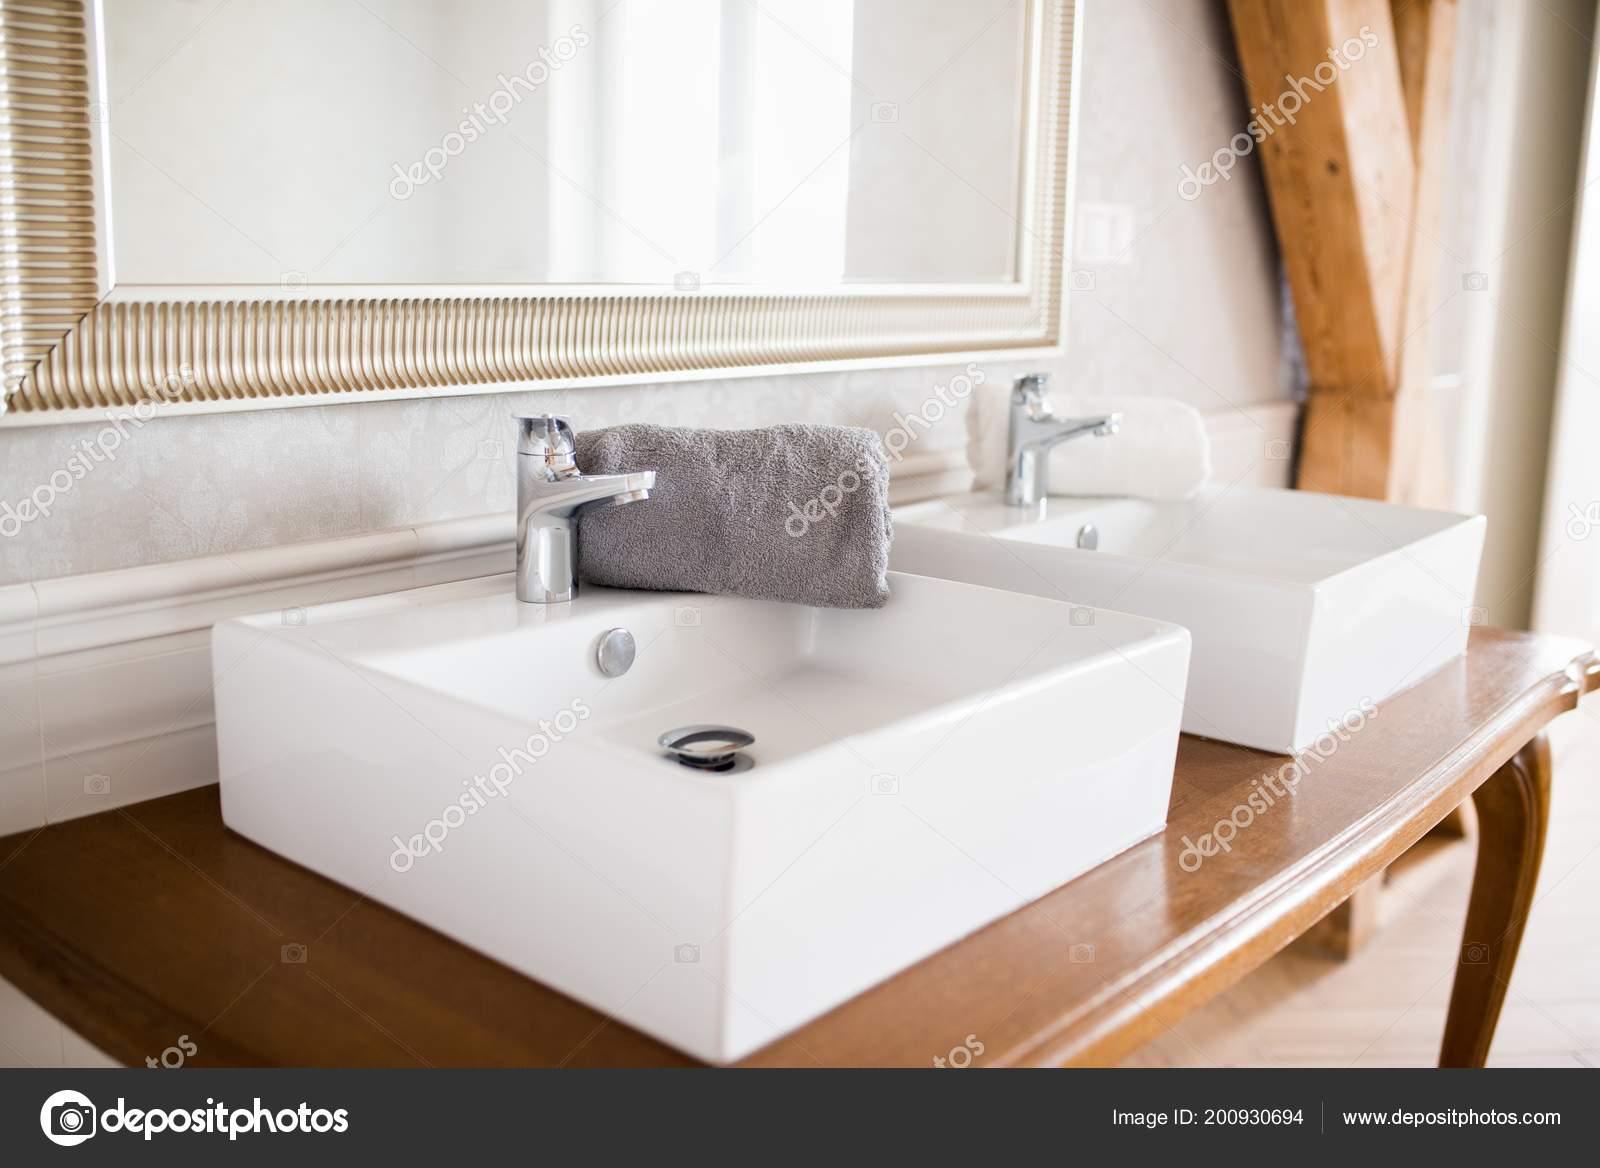 Zwei Weiße Waschbecken Vintage Stil Loft Bad — Stockfoto © djedzura ...